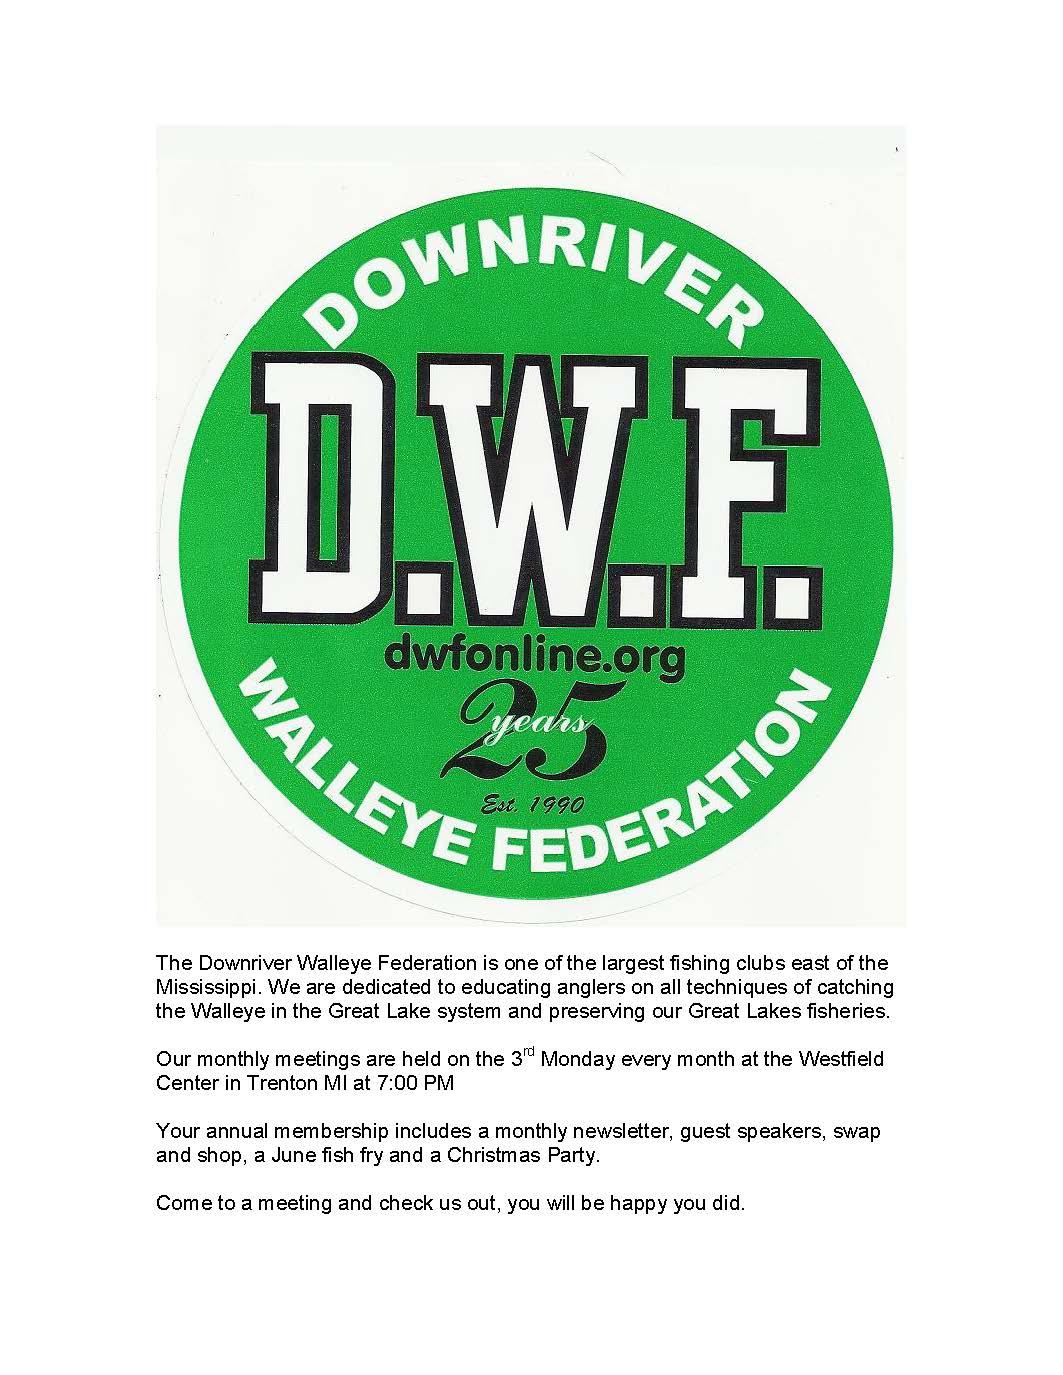 DWF 25